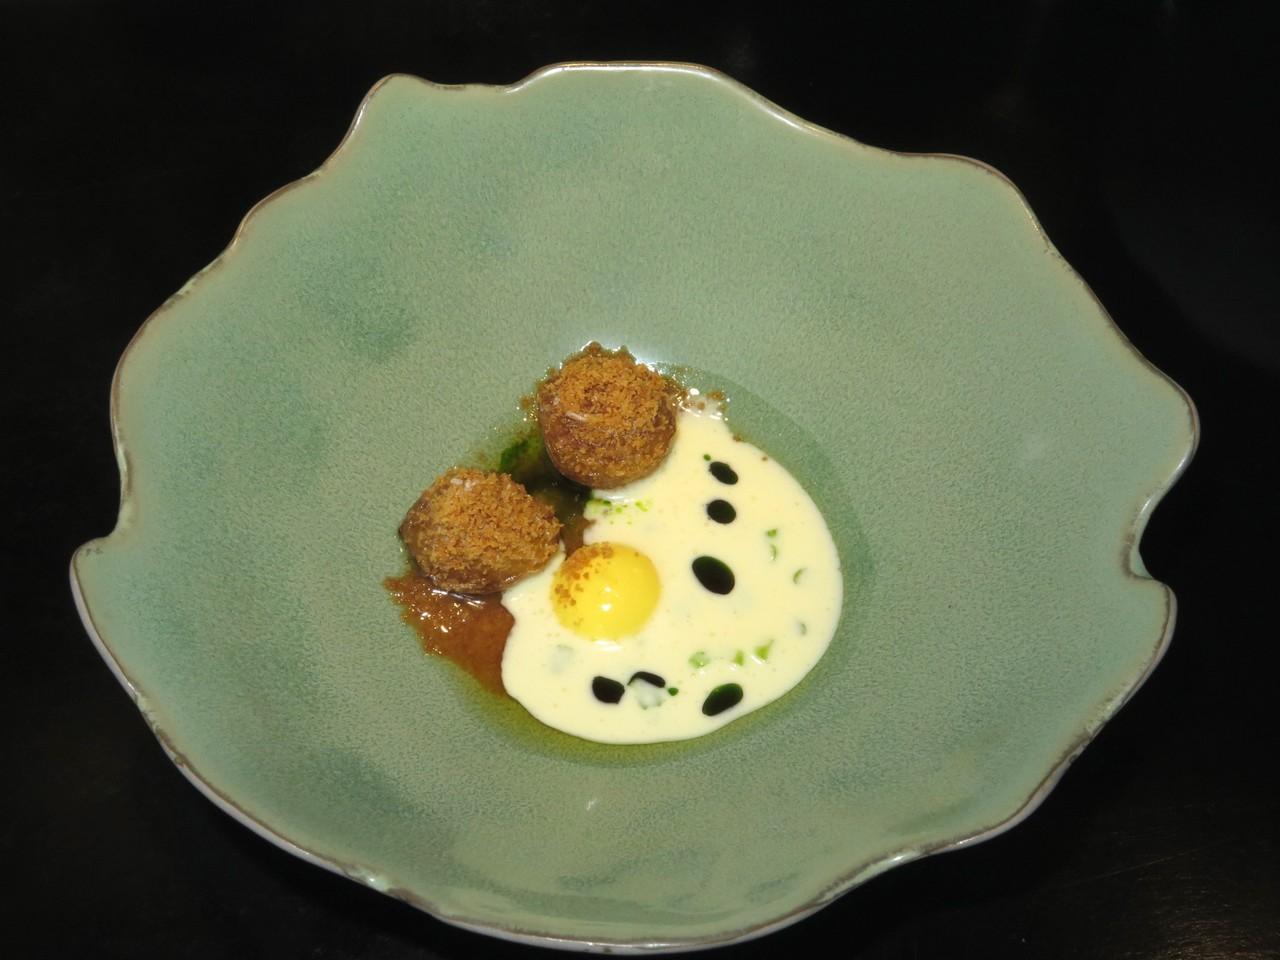 Batata, Gema de Ovo Fumada, Azeite de Salsa & Aipo Fermentado 'Beurre Blanc'